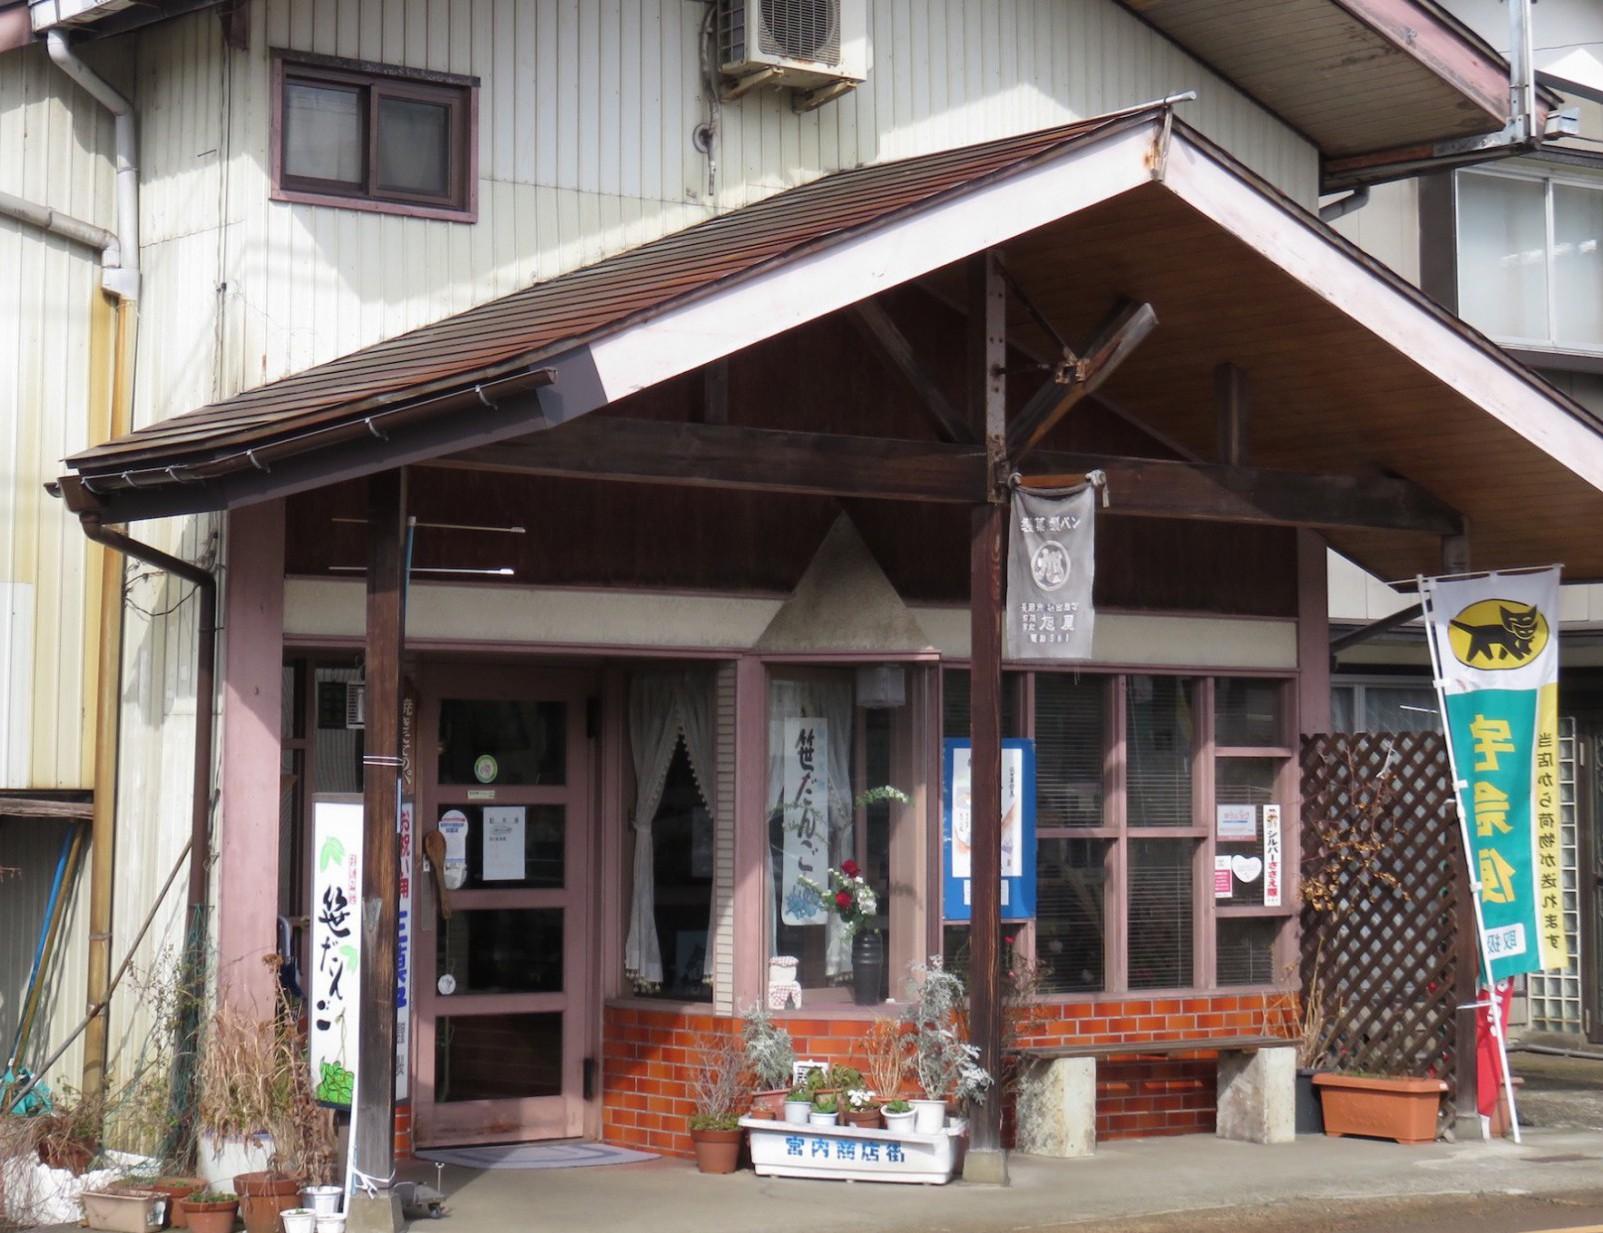 昔ながらの町のパン屋さんといった雰囲気の「旭屋」。Photo: Akiko Matsumaru